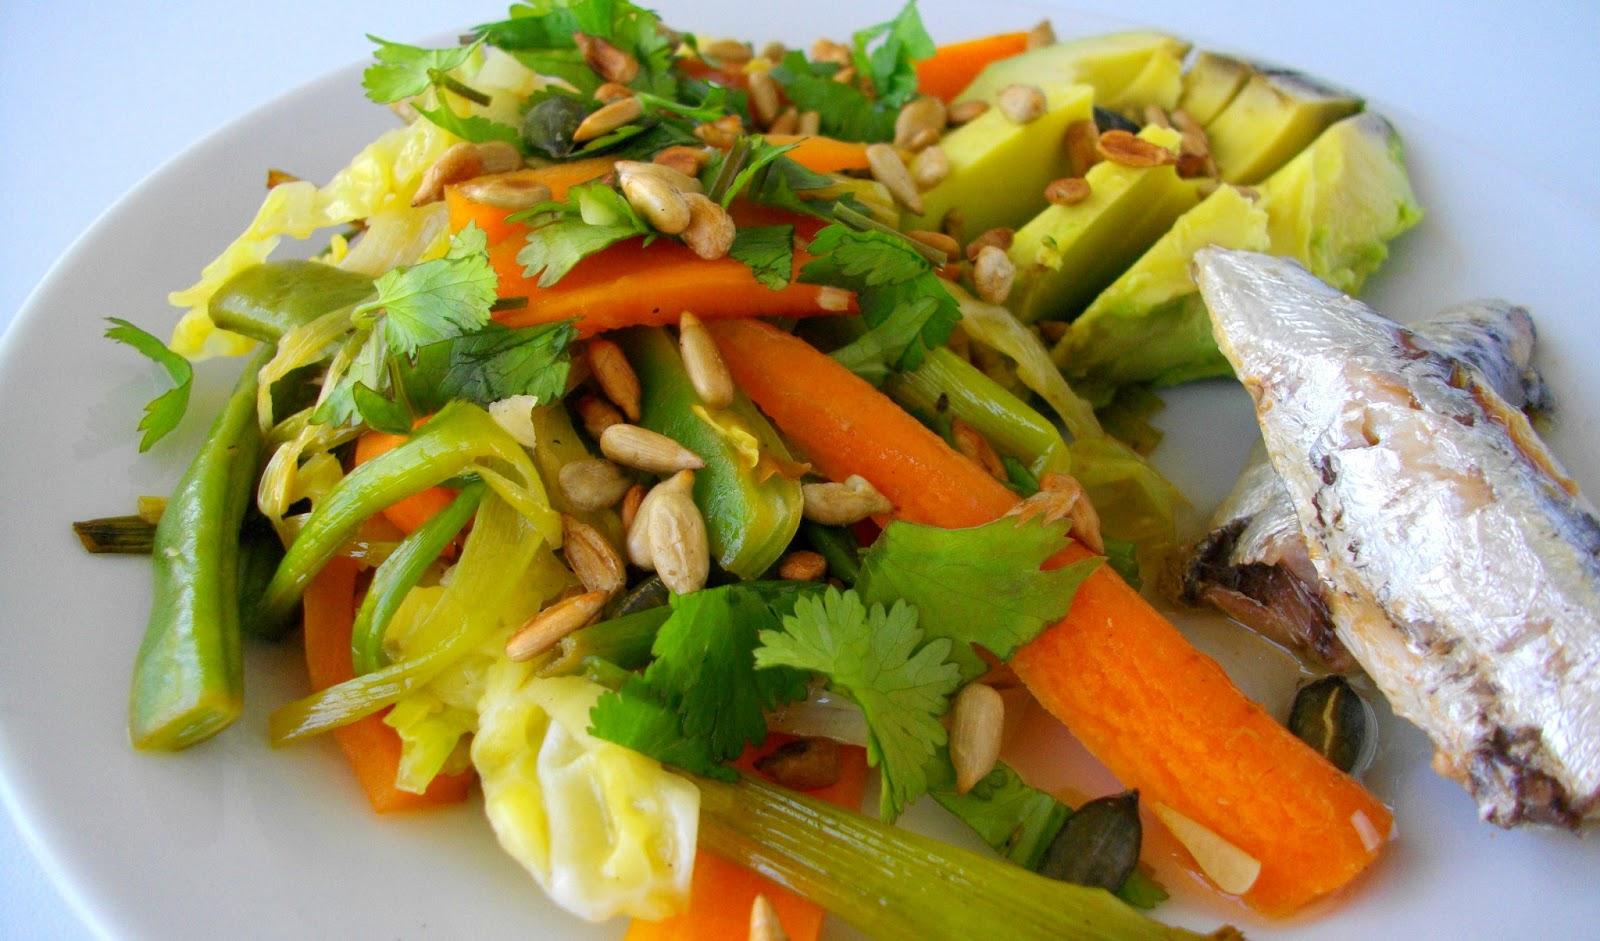 Juanlu venegas aprendiendo a cenar ligero y equilibrado - Cenar ligero para adelgazar ...